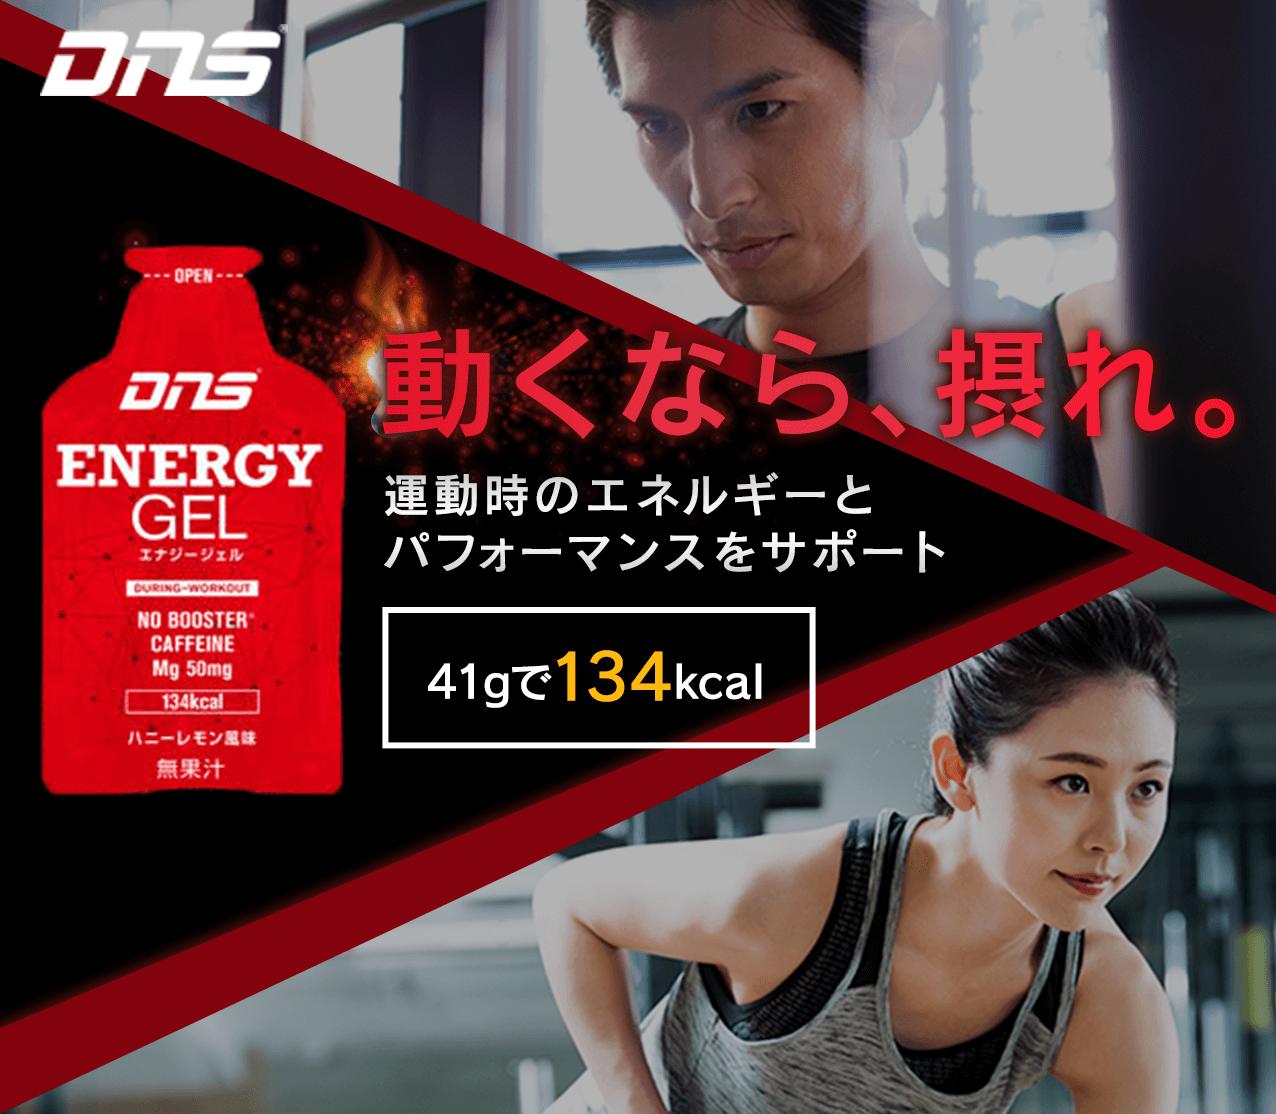 動くなら、摂れ。運動時のエネルギーとパフォーマンスをサポート41gで134kcal